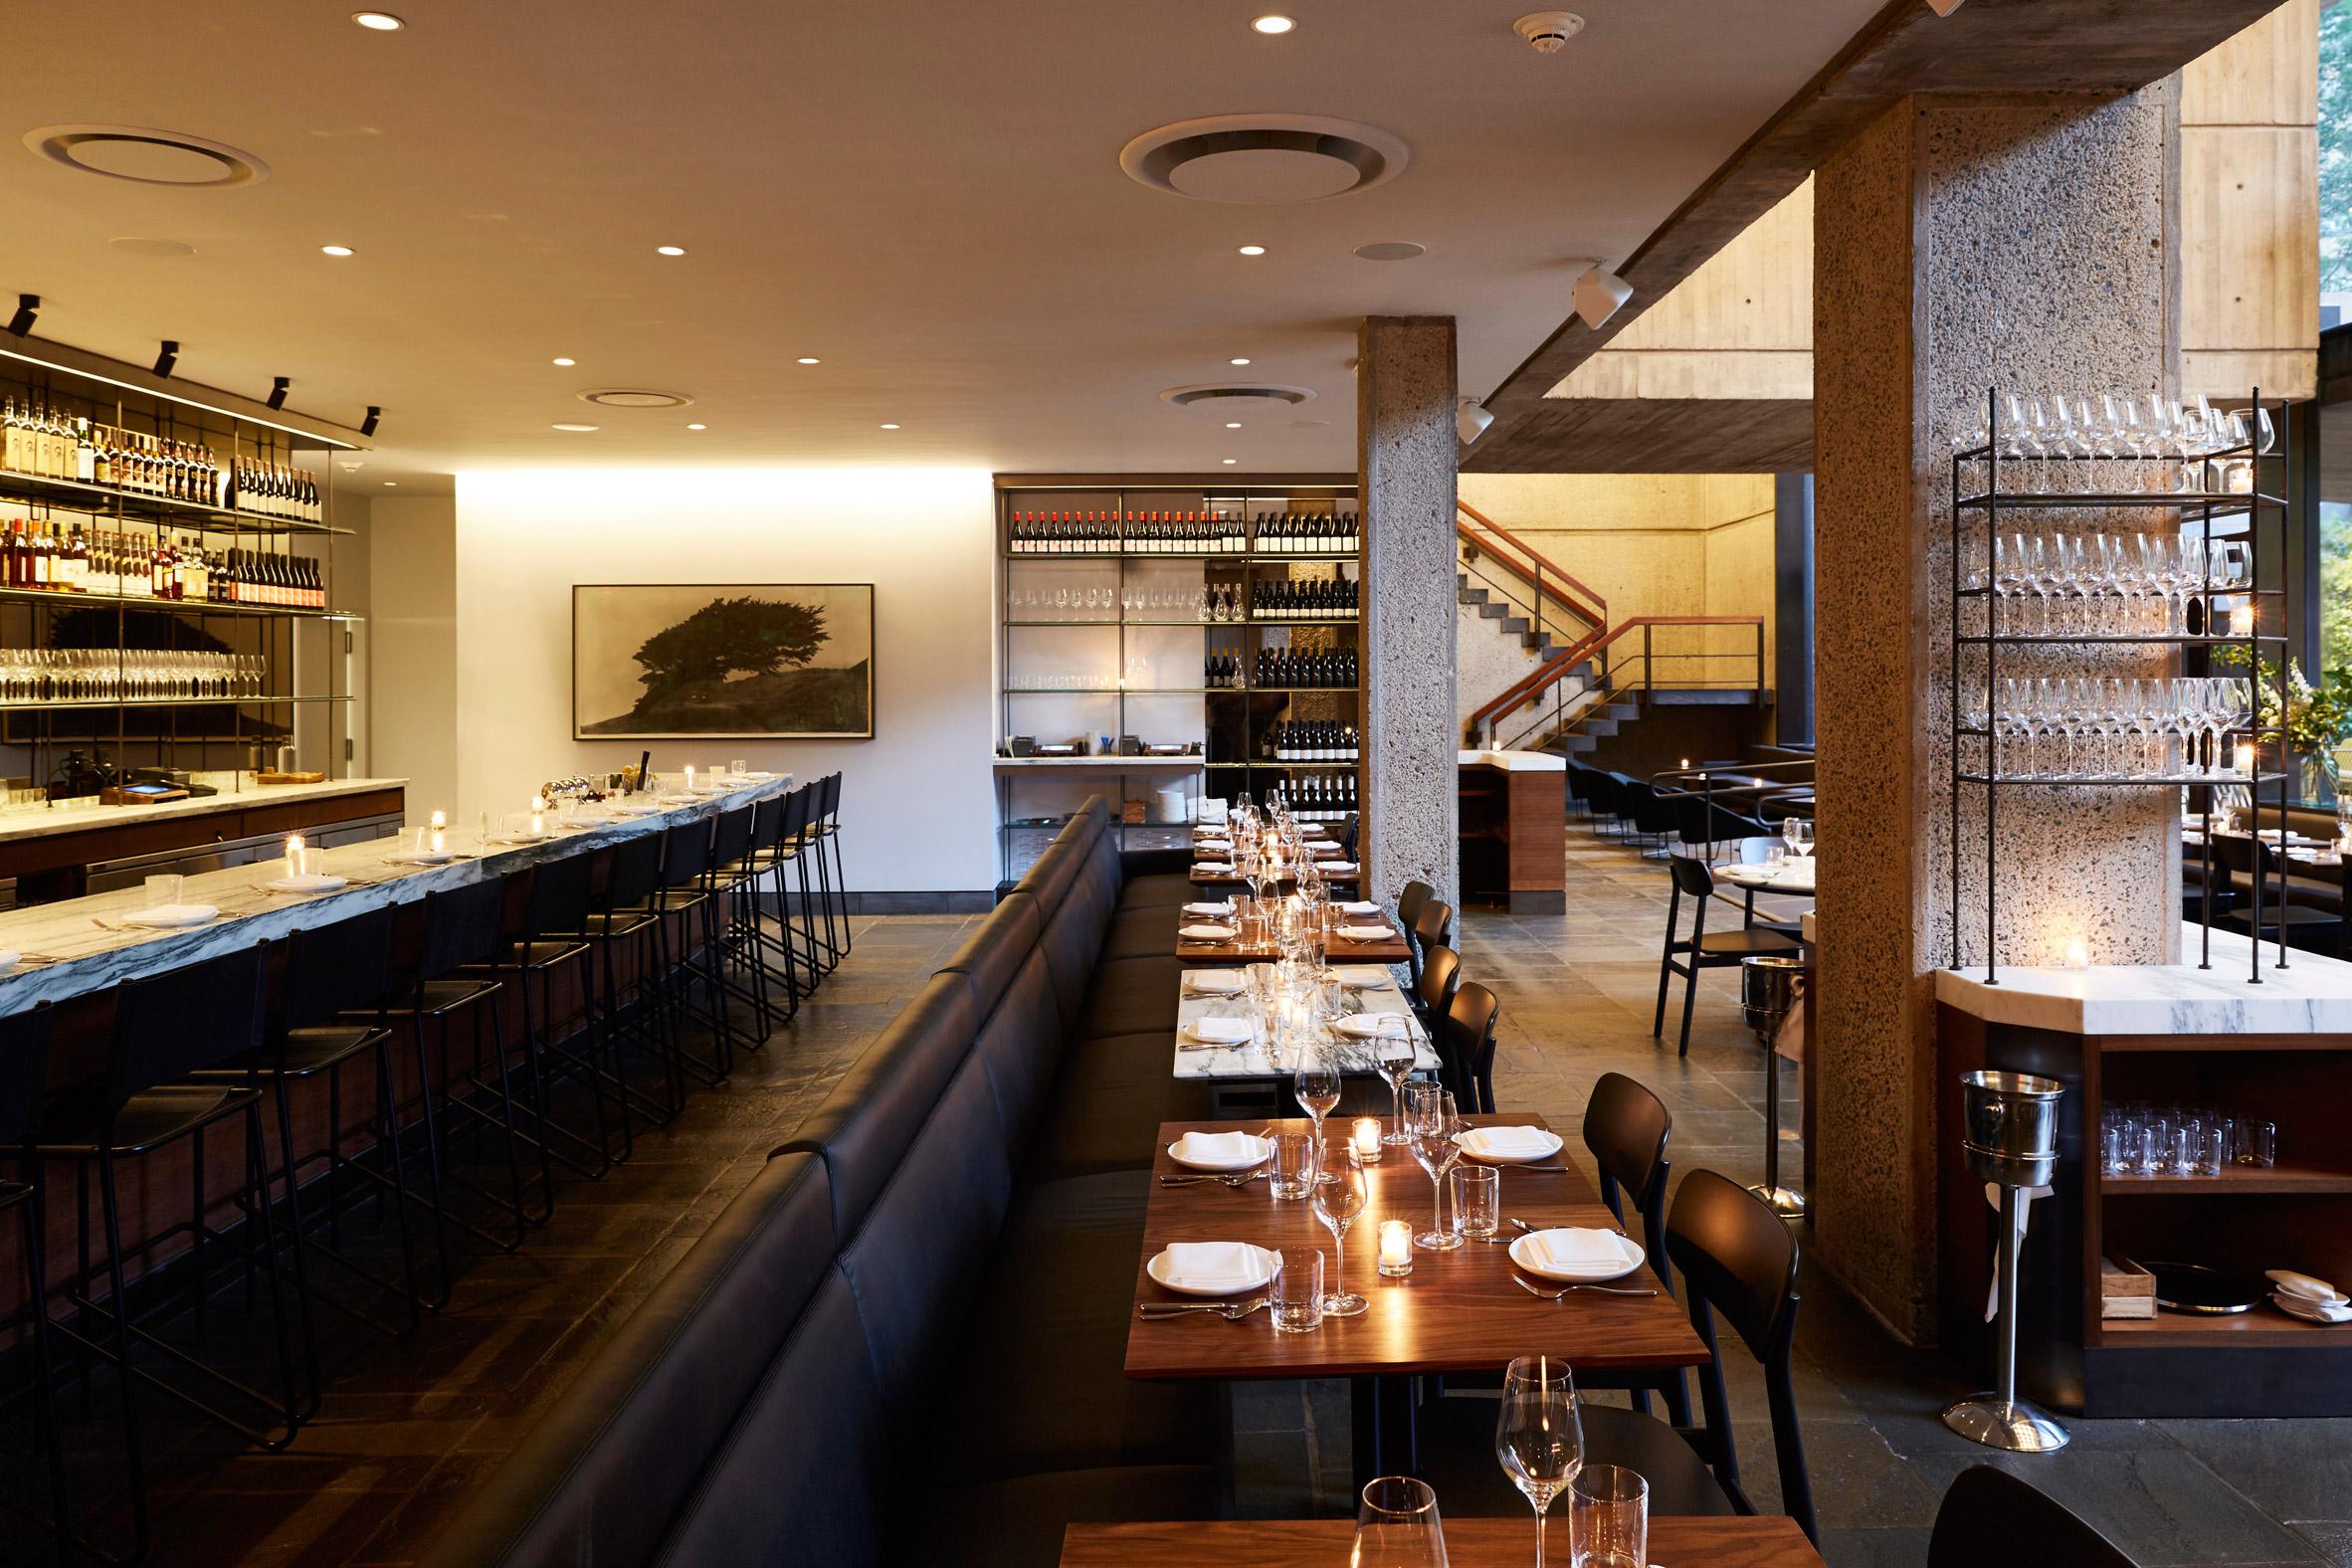 Restaurant and coffee bar open inside brutalist Met Breuer museum